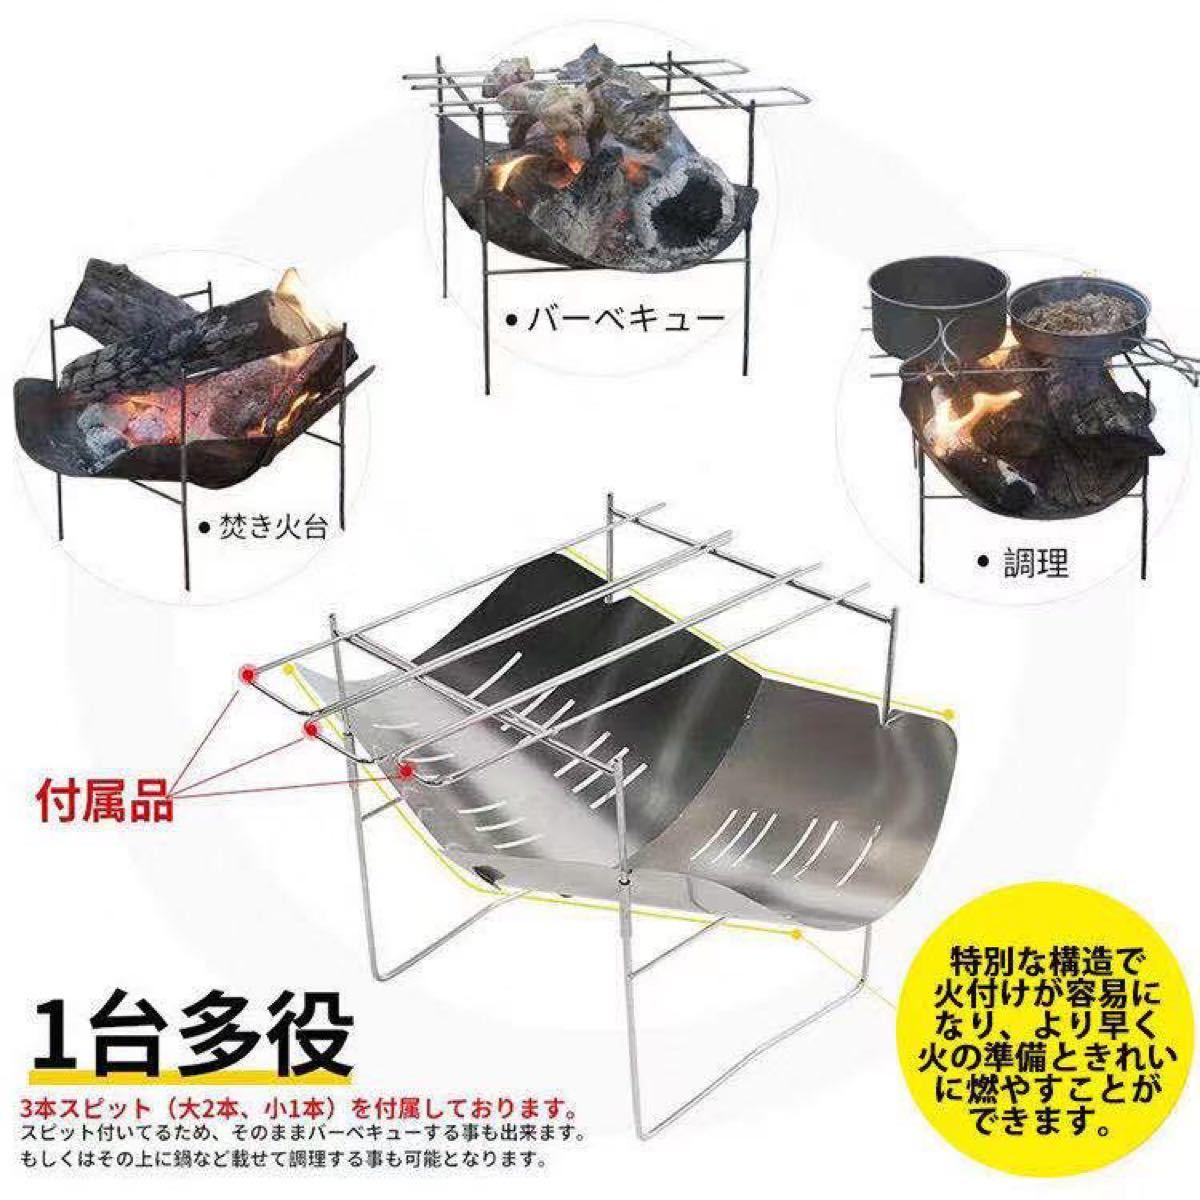 超頑丈 焚き火台 折り畳み式 バーベキューコンロ